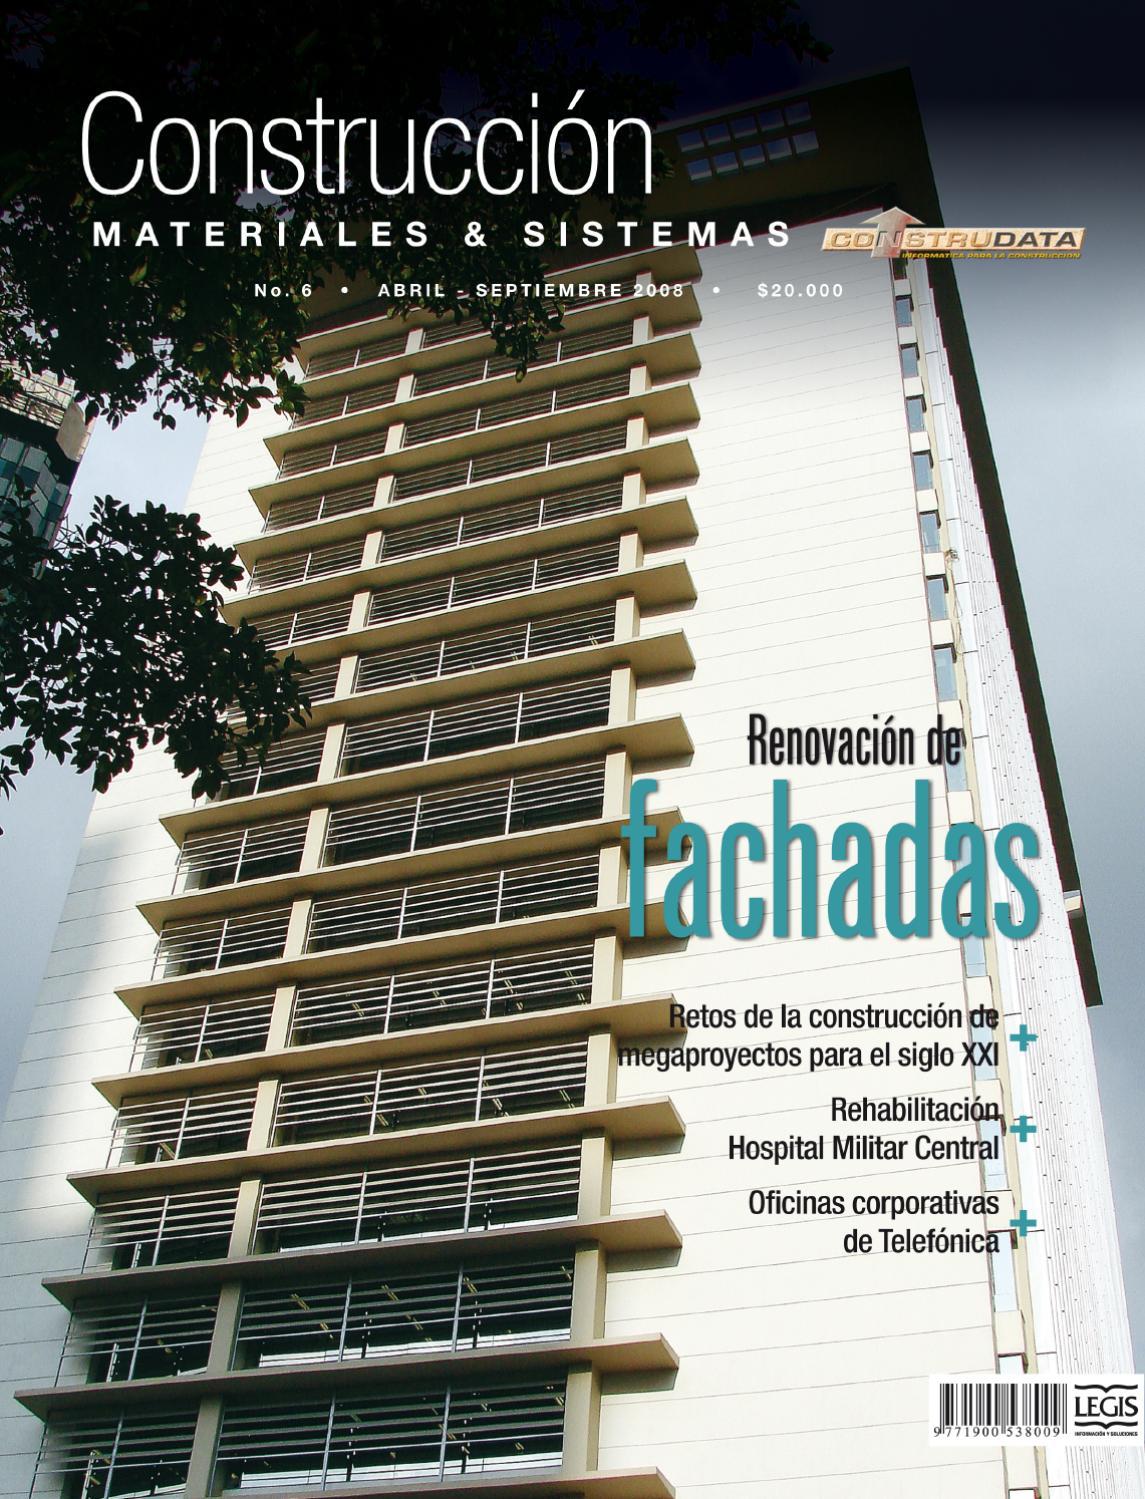 Revista Construcción Metálica Ed. 6 by Legis SA - issuu